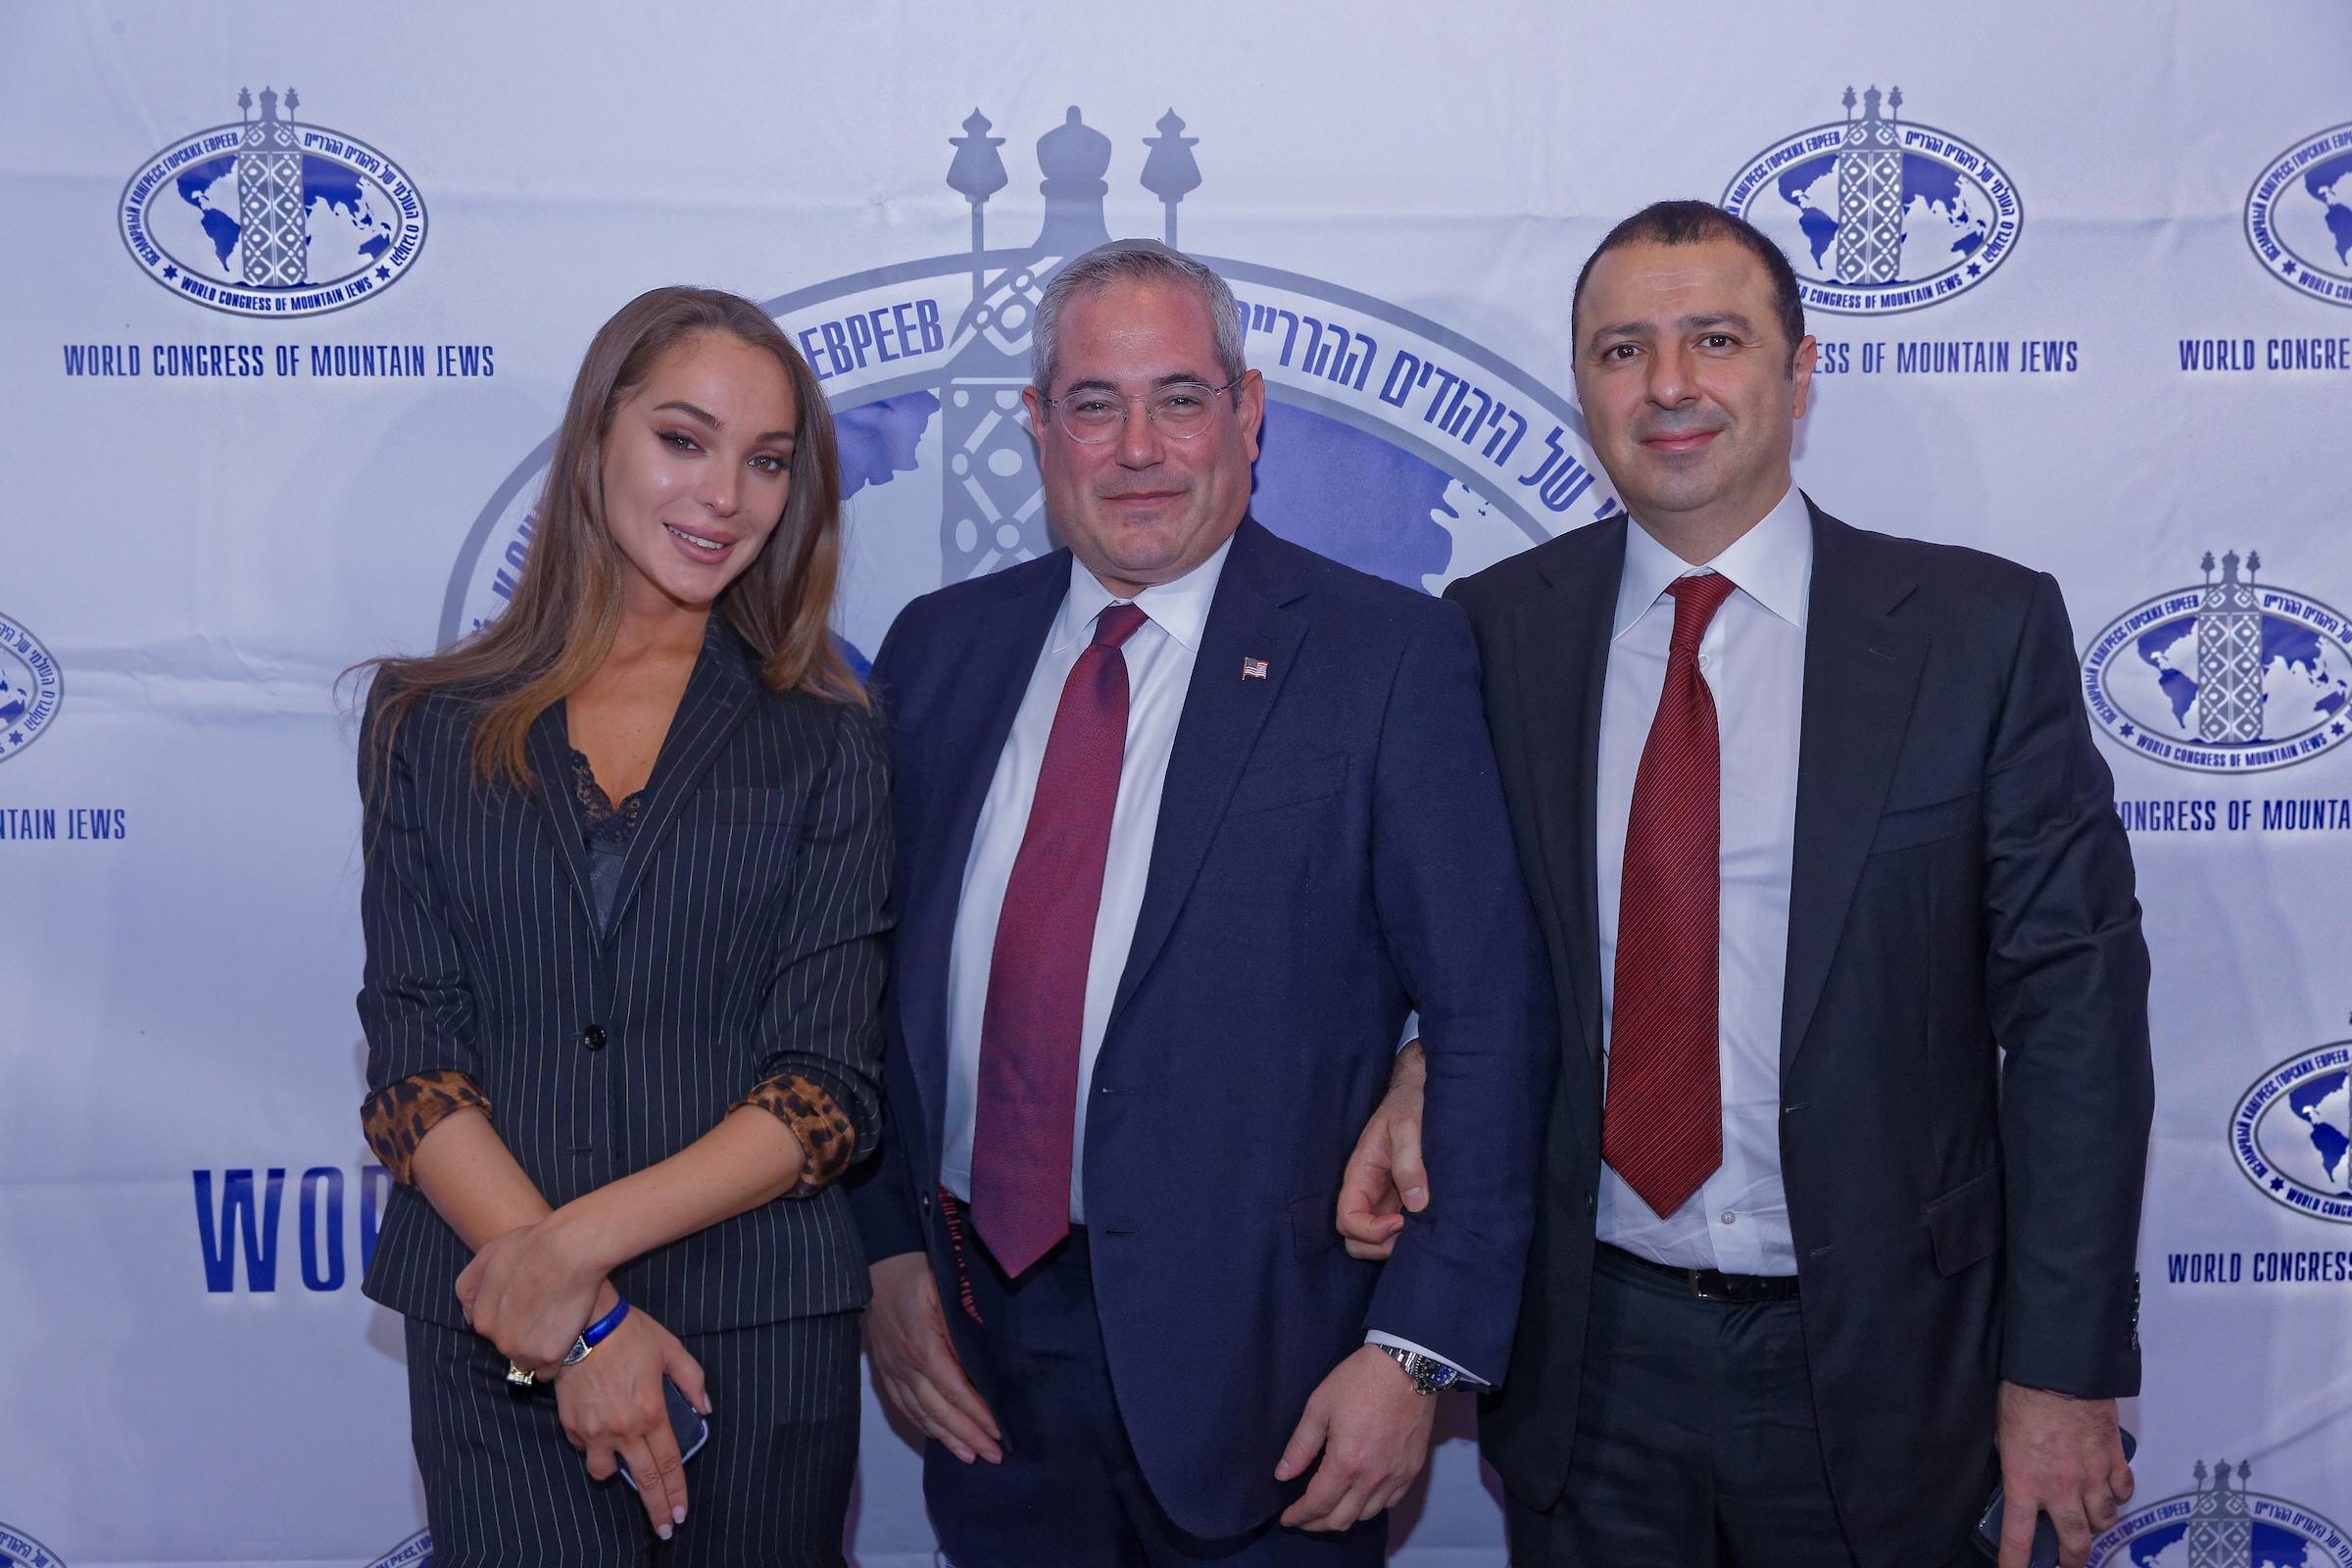 В Нью-Йорке состоялся официальный прием в честь презентации книги «Горские евреи»